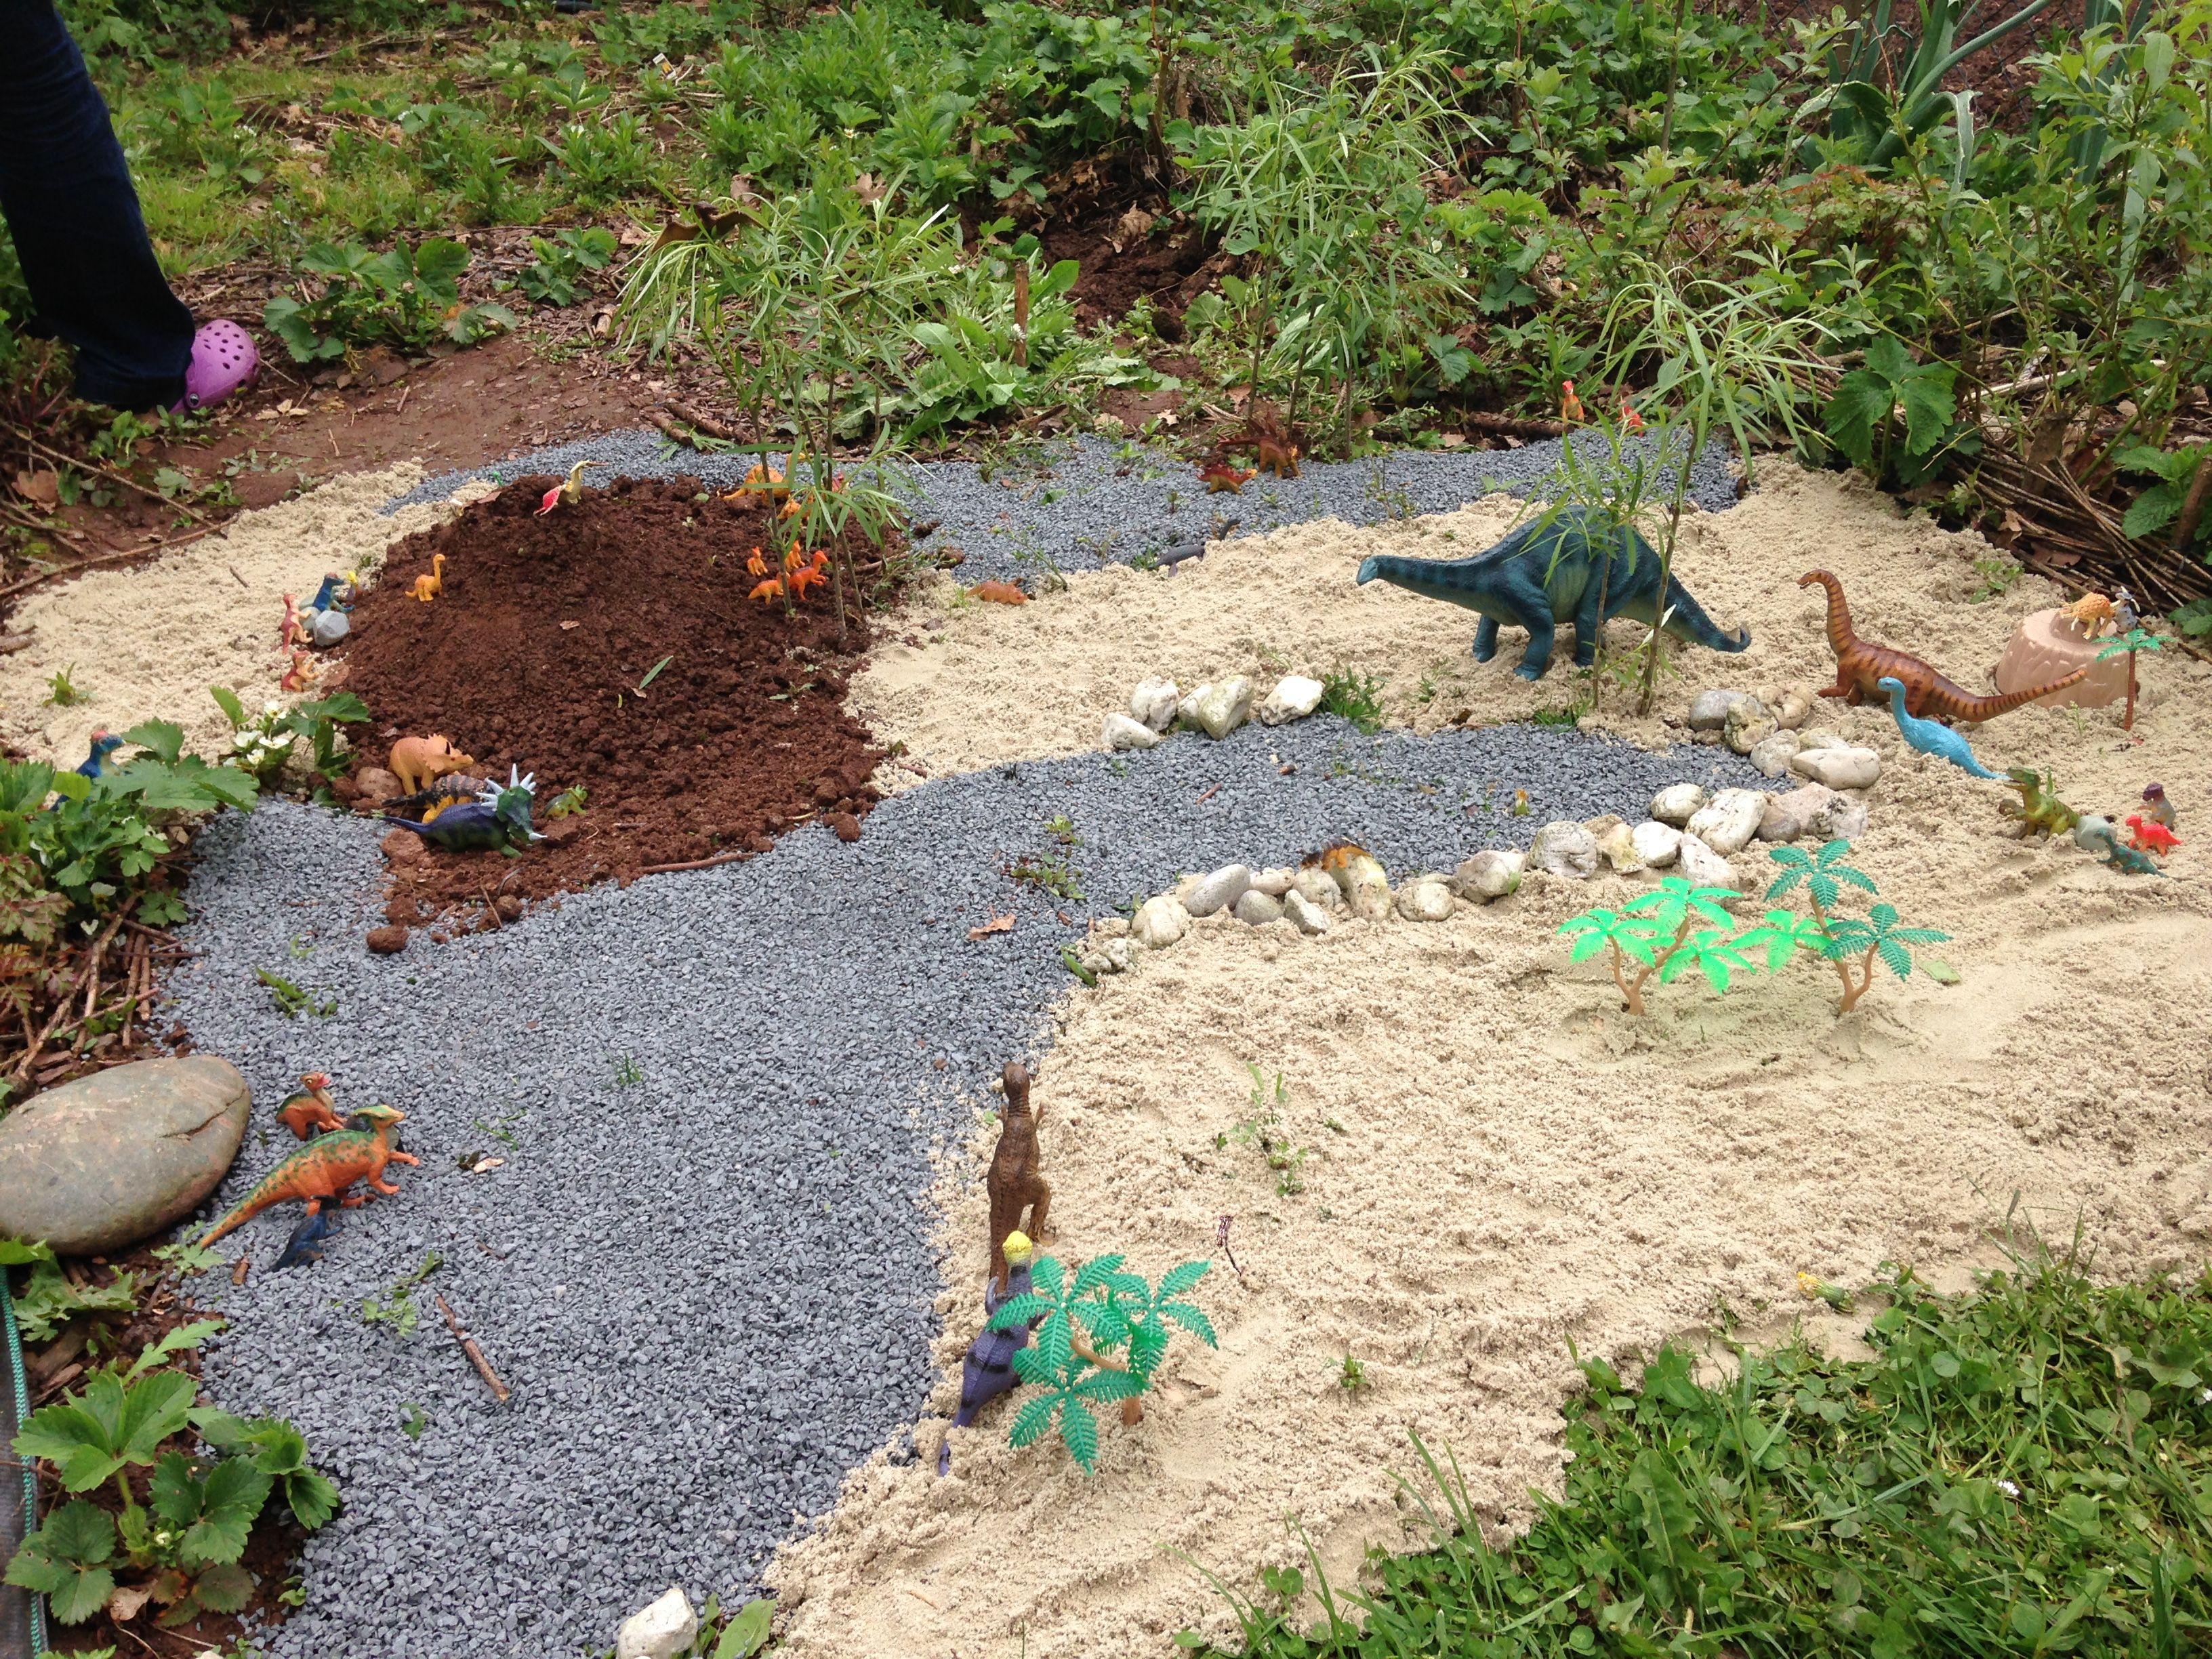 Dinolandschaft Im Garten Zum Spielen Sand Und Kies Aus Dem Baumarkt Plastikdinosaurier Ein Paar Steine Und Pflanzen Garten Kinderbasteleien Pflanzen